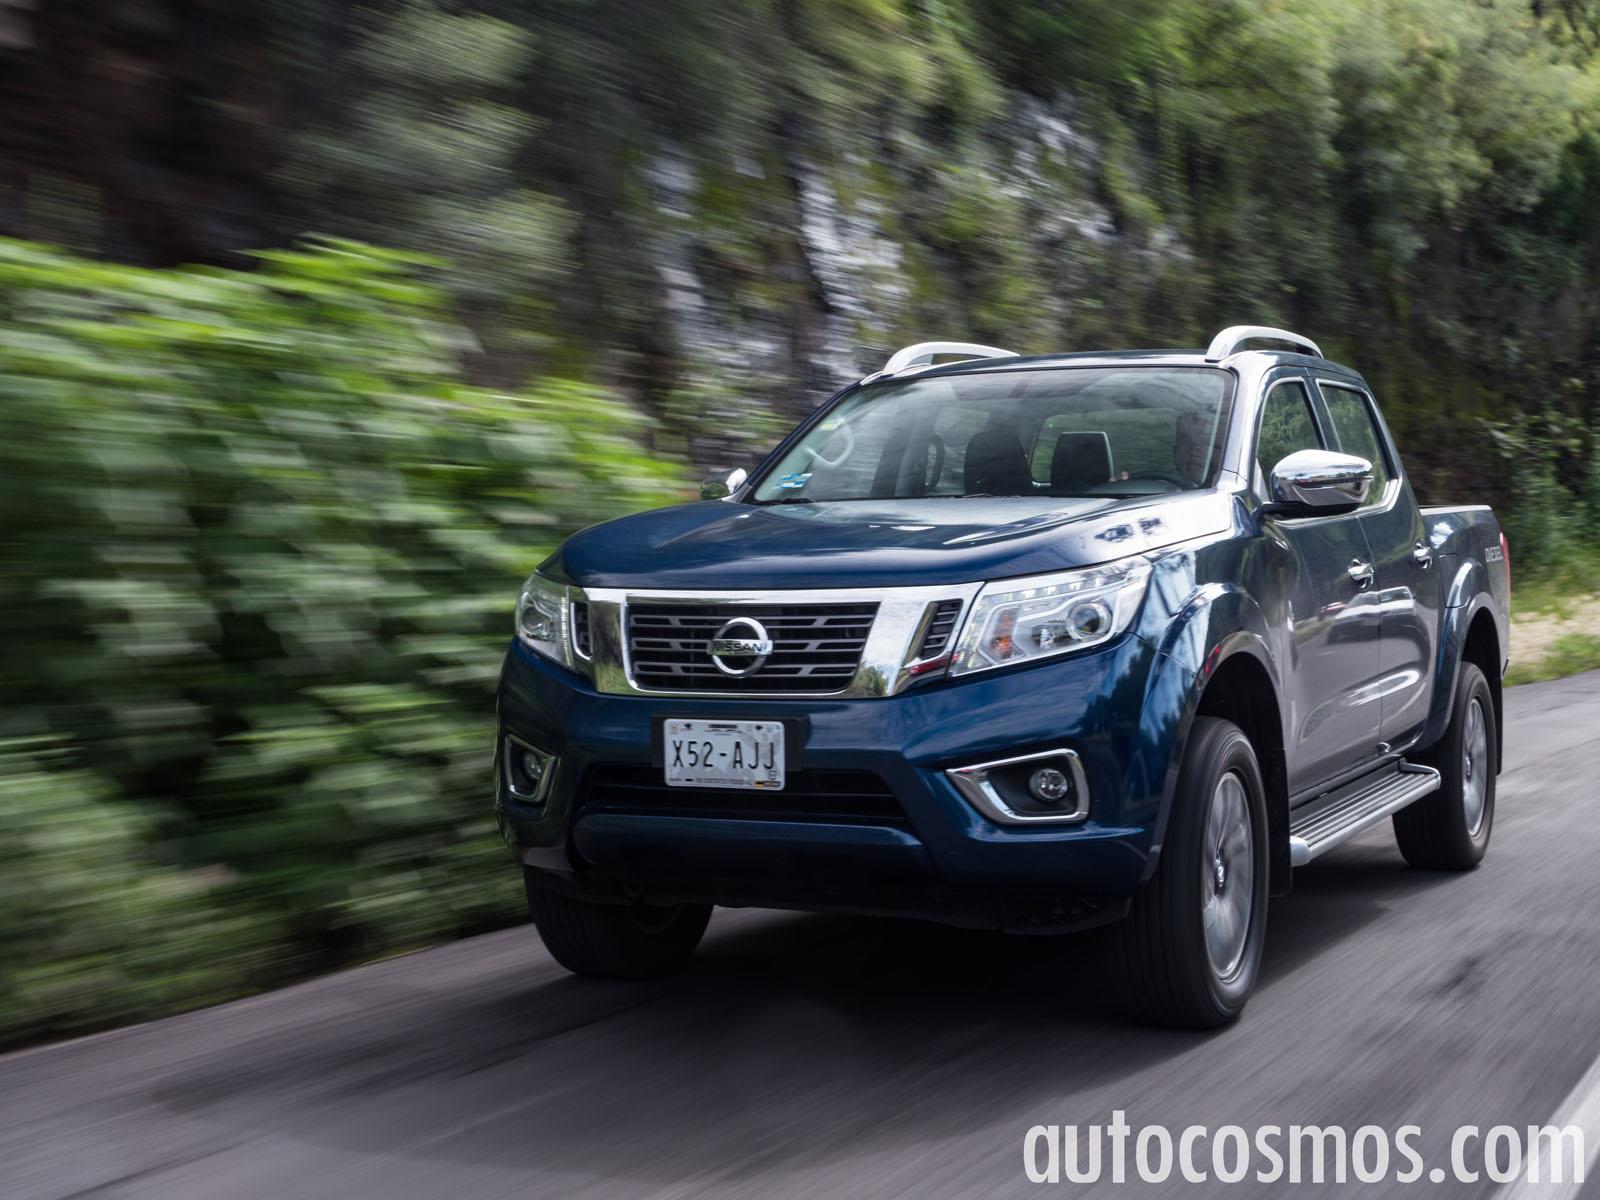 Nissan NP300 Frontier Diésel 2017 a prueba - Autocosmos.com